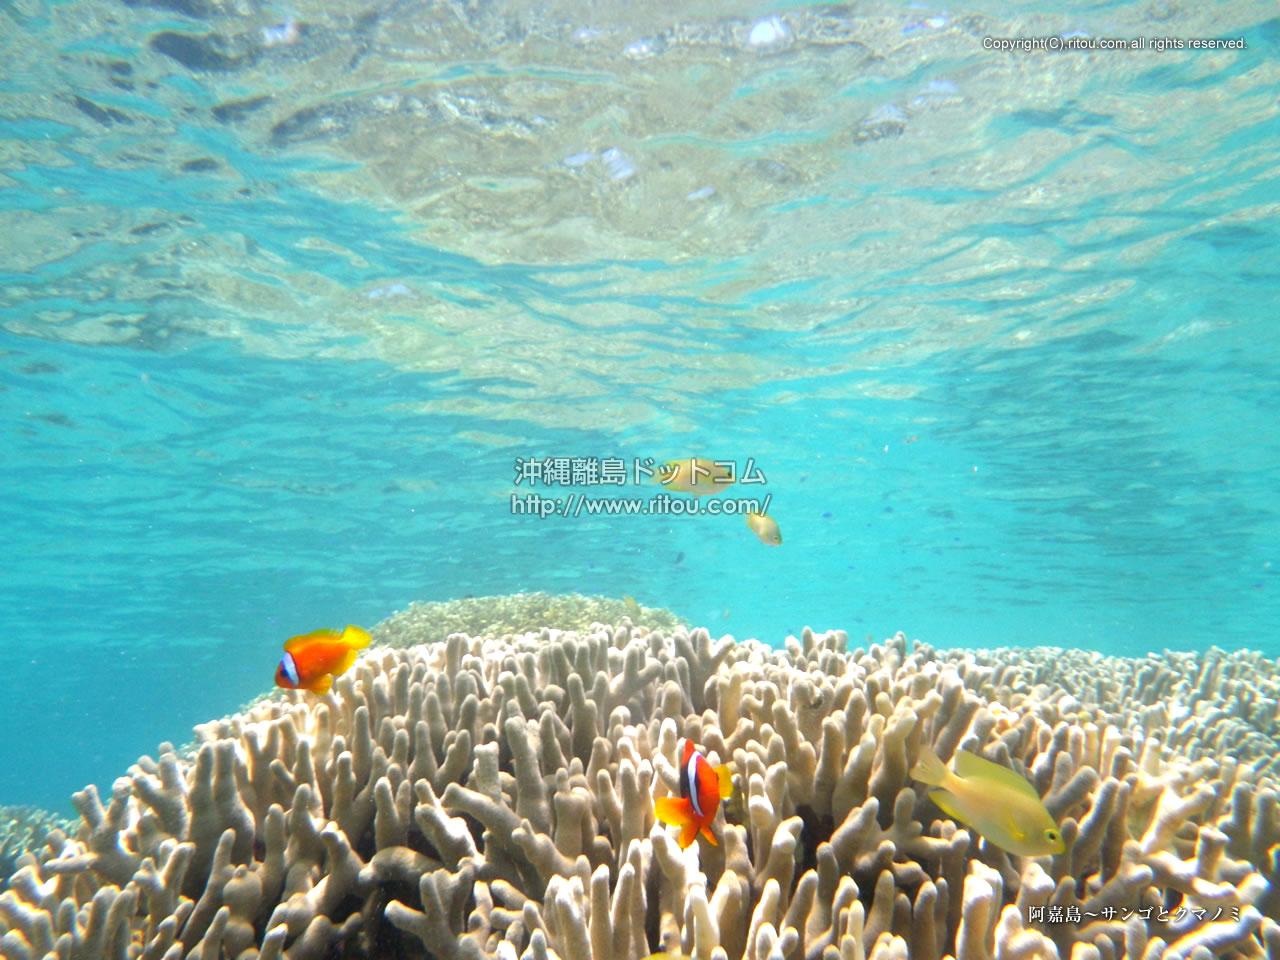 阿嘉島〜サンゴとクマノミ